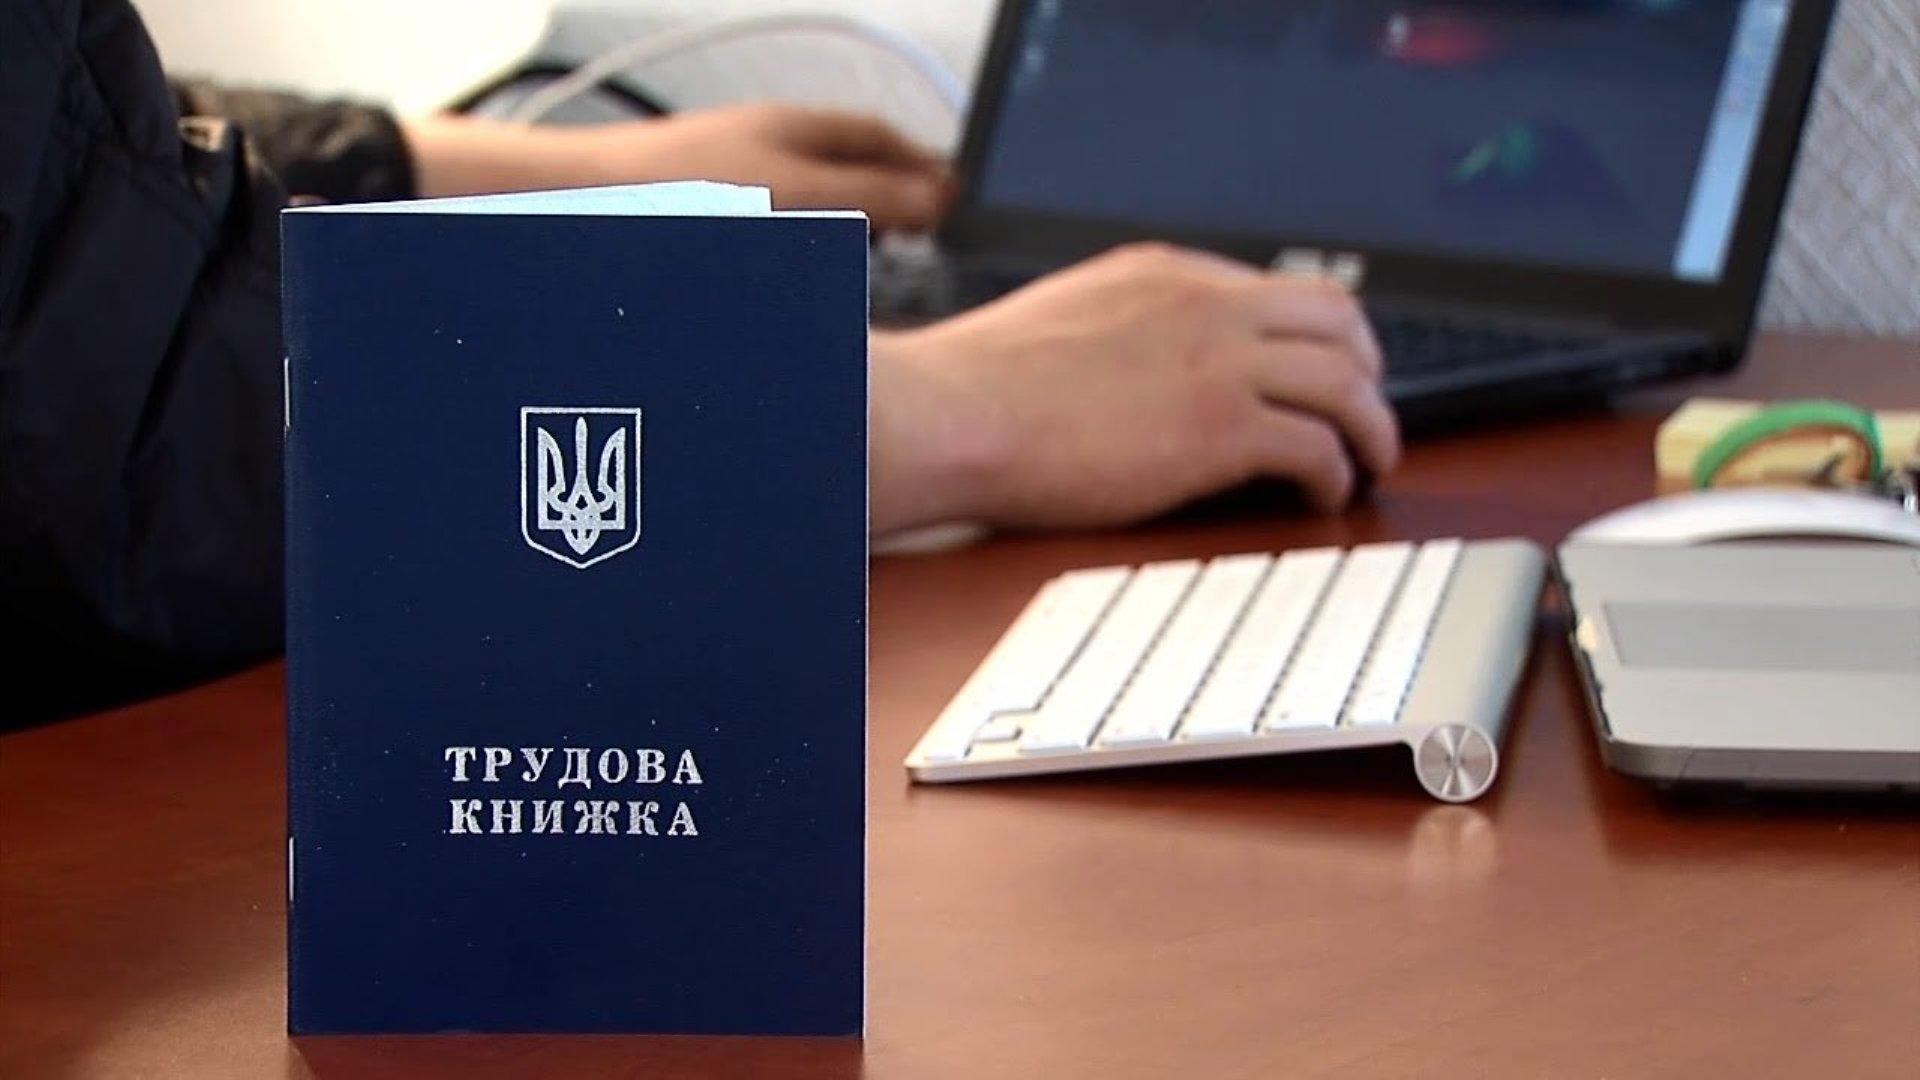 Більше – означає краще? На що вплине підвищення мінімальної зарплати в Україні